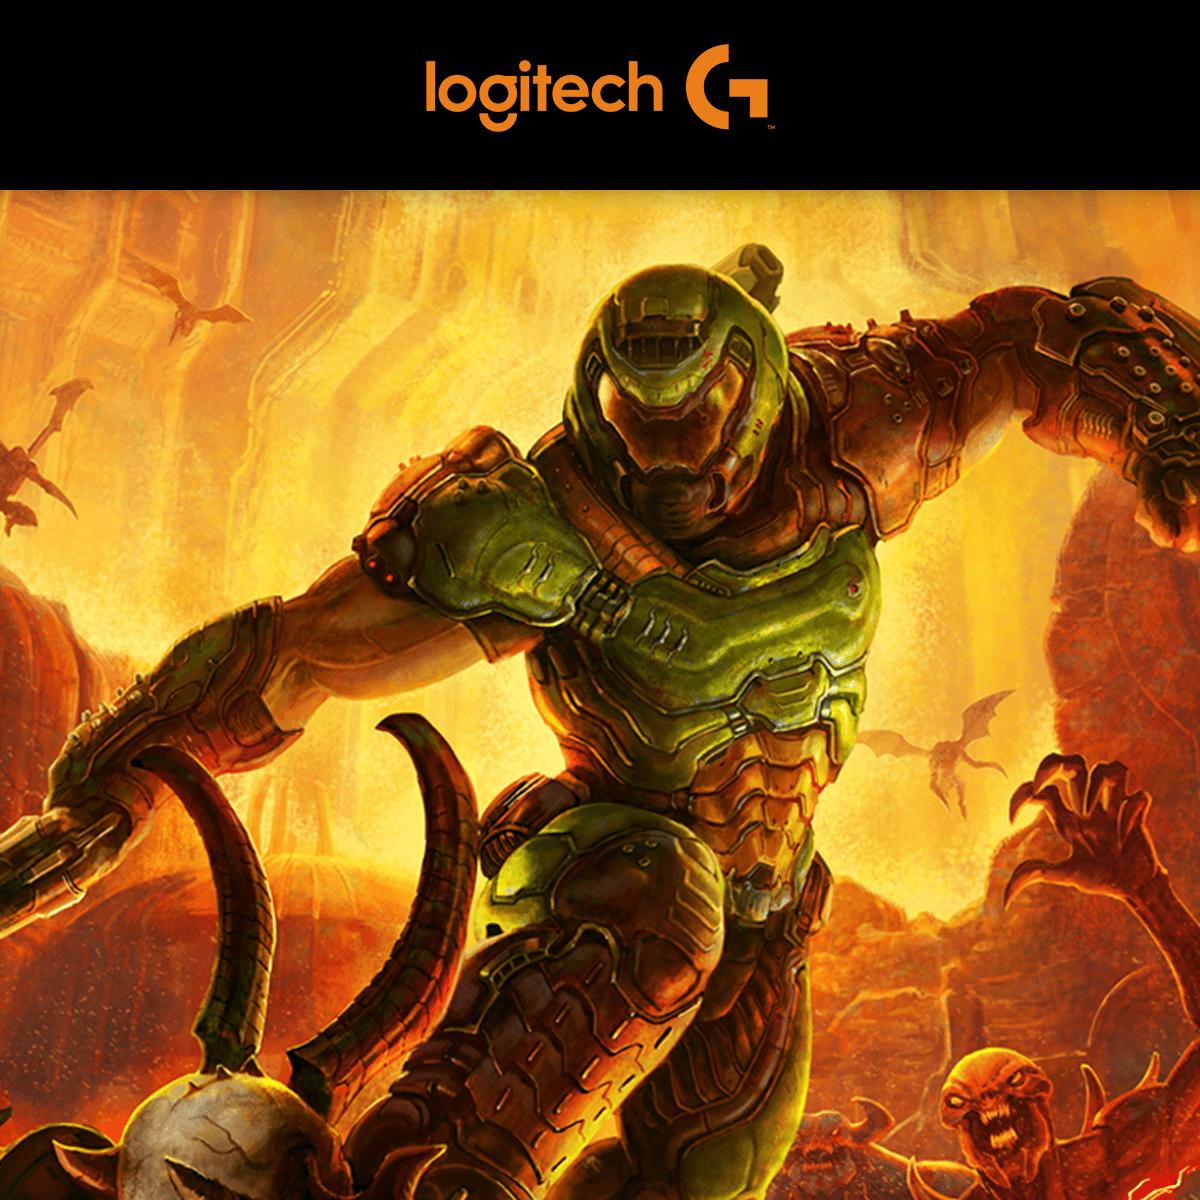 DOOM Eternal GRATIS bij aankoop Logitech G-product